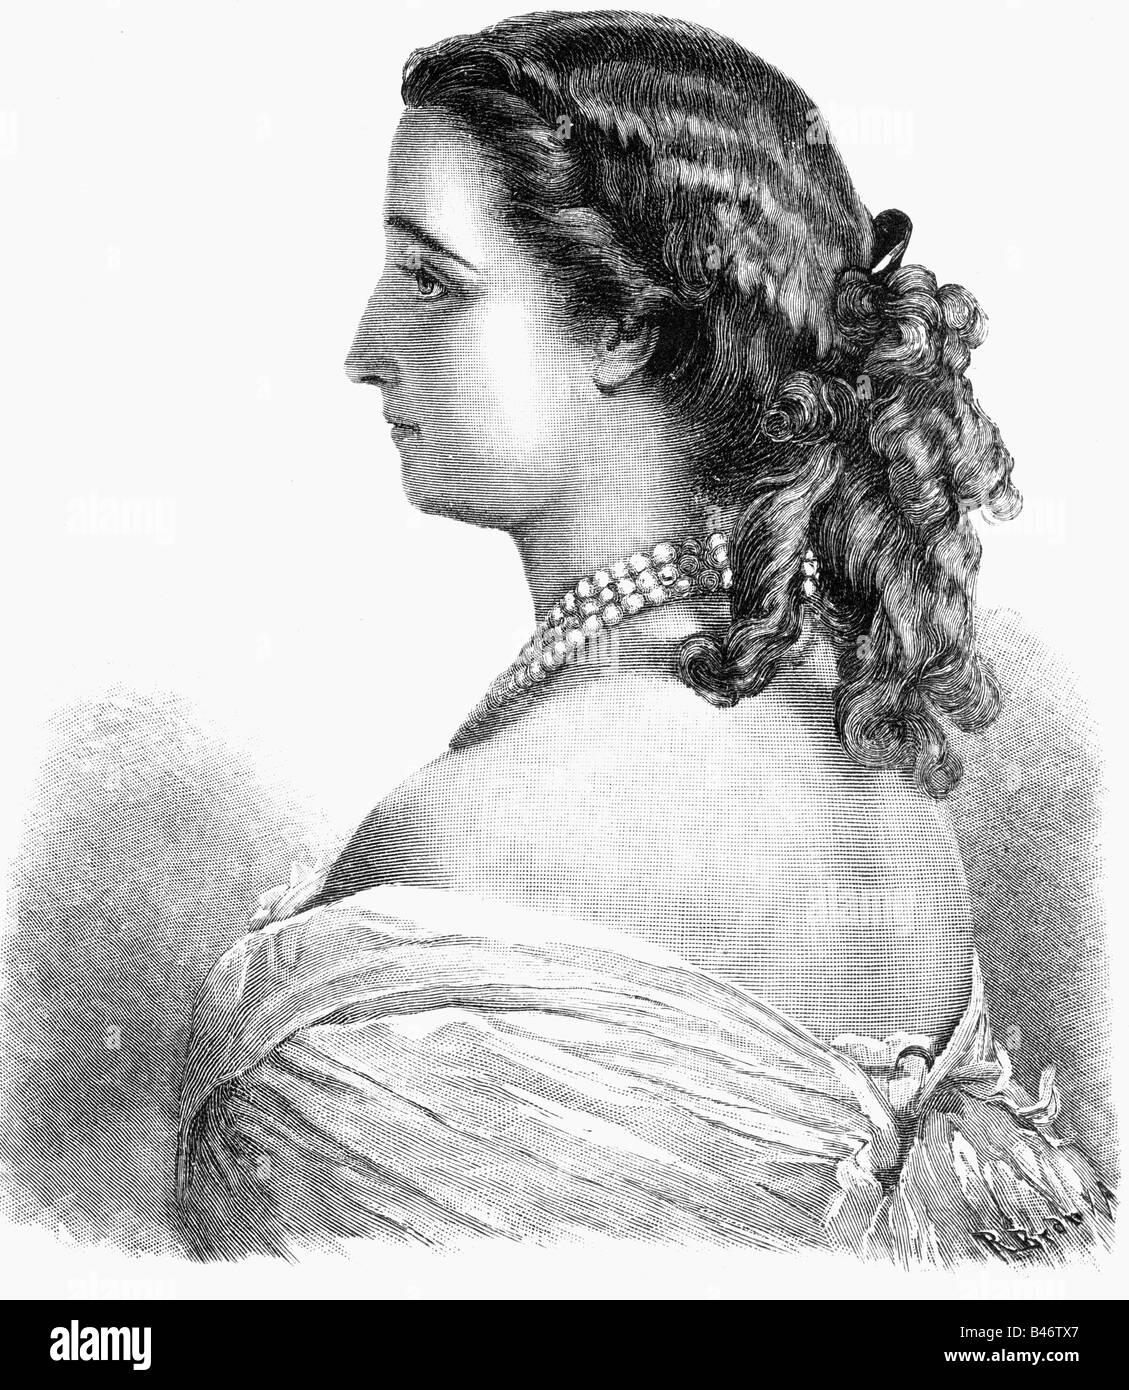 Eugenie, 5.5.1826 - 11.7.1920, Empress Consort di Francia 30.1.1853 - 4.9.1870, mezza lunghezza, incisione del legno Foto Stock